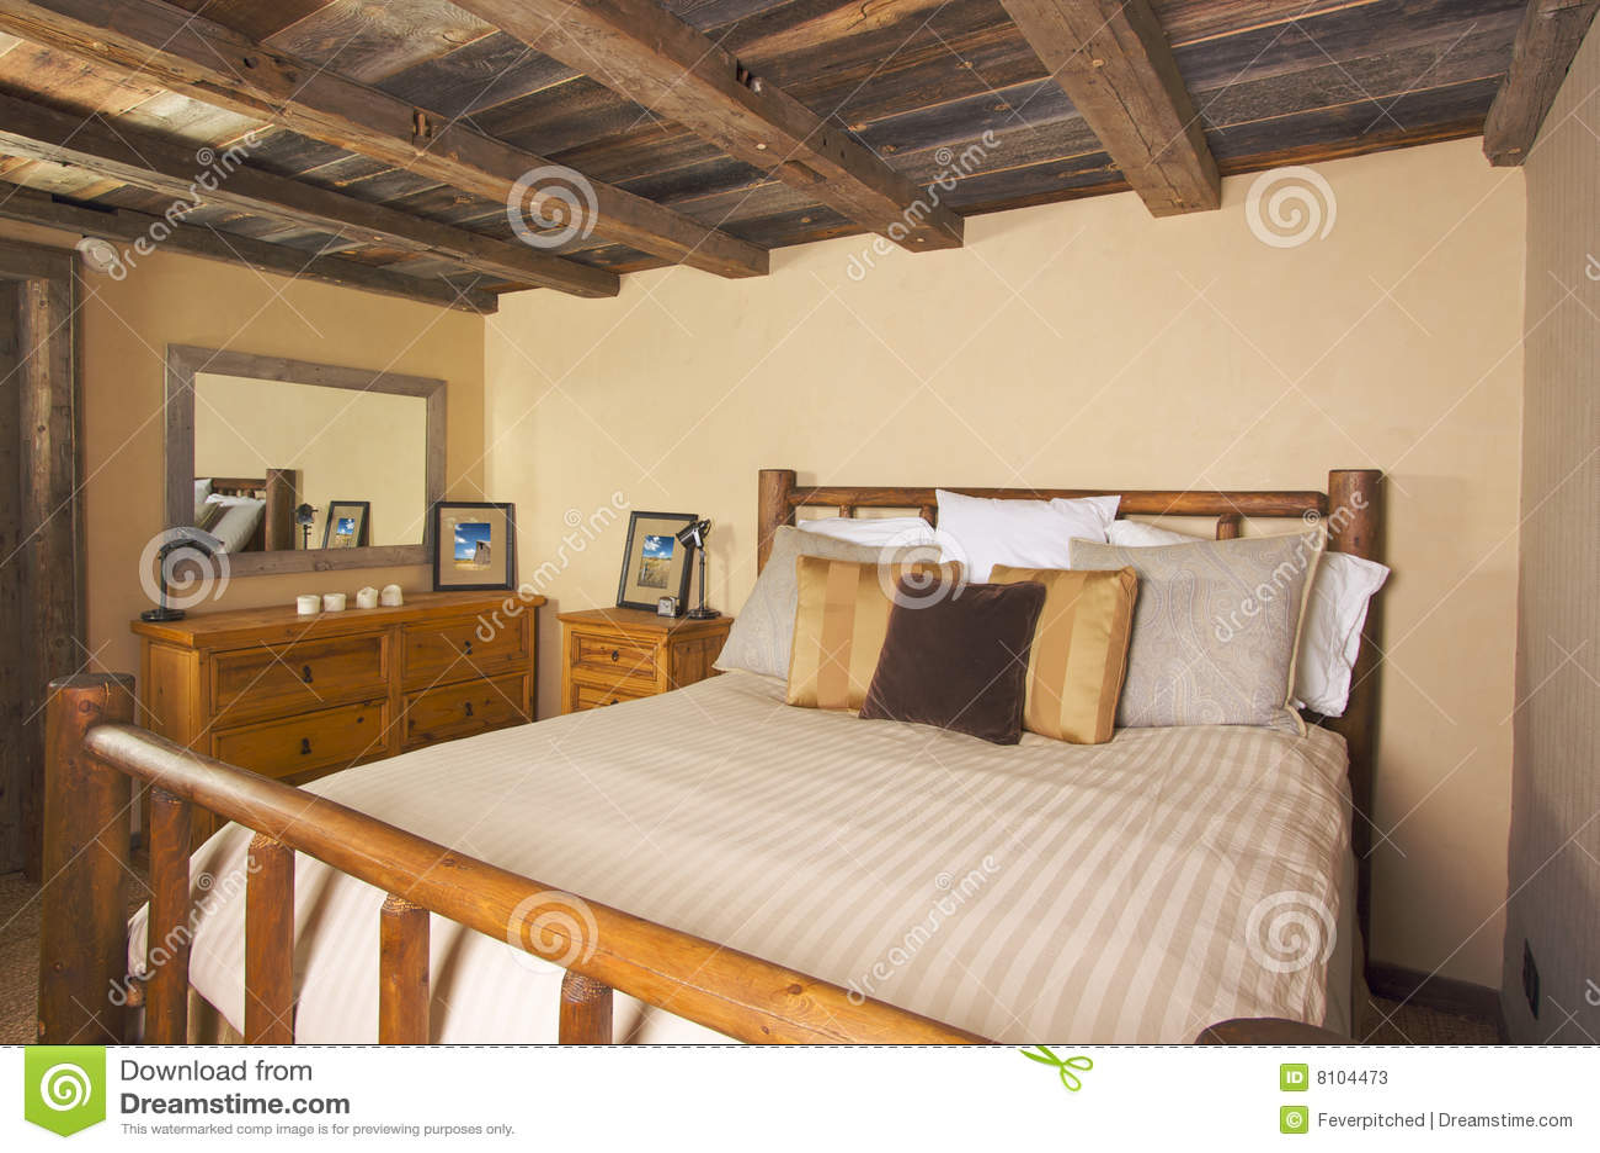 Letto contenitore rustico design casa creativa e mobili for Layout della camera familiare